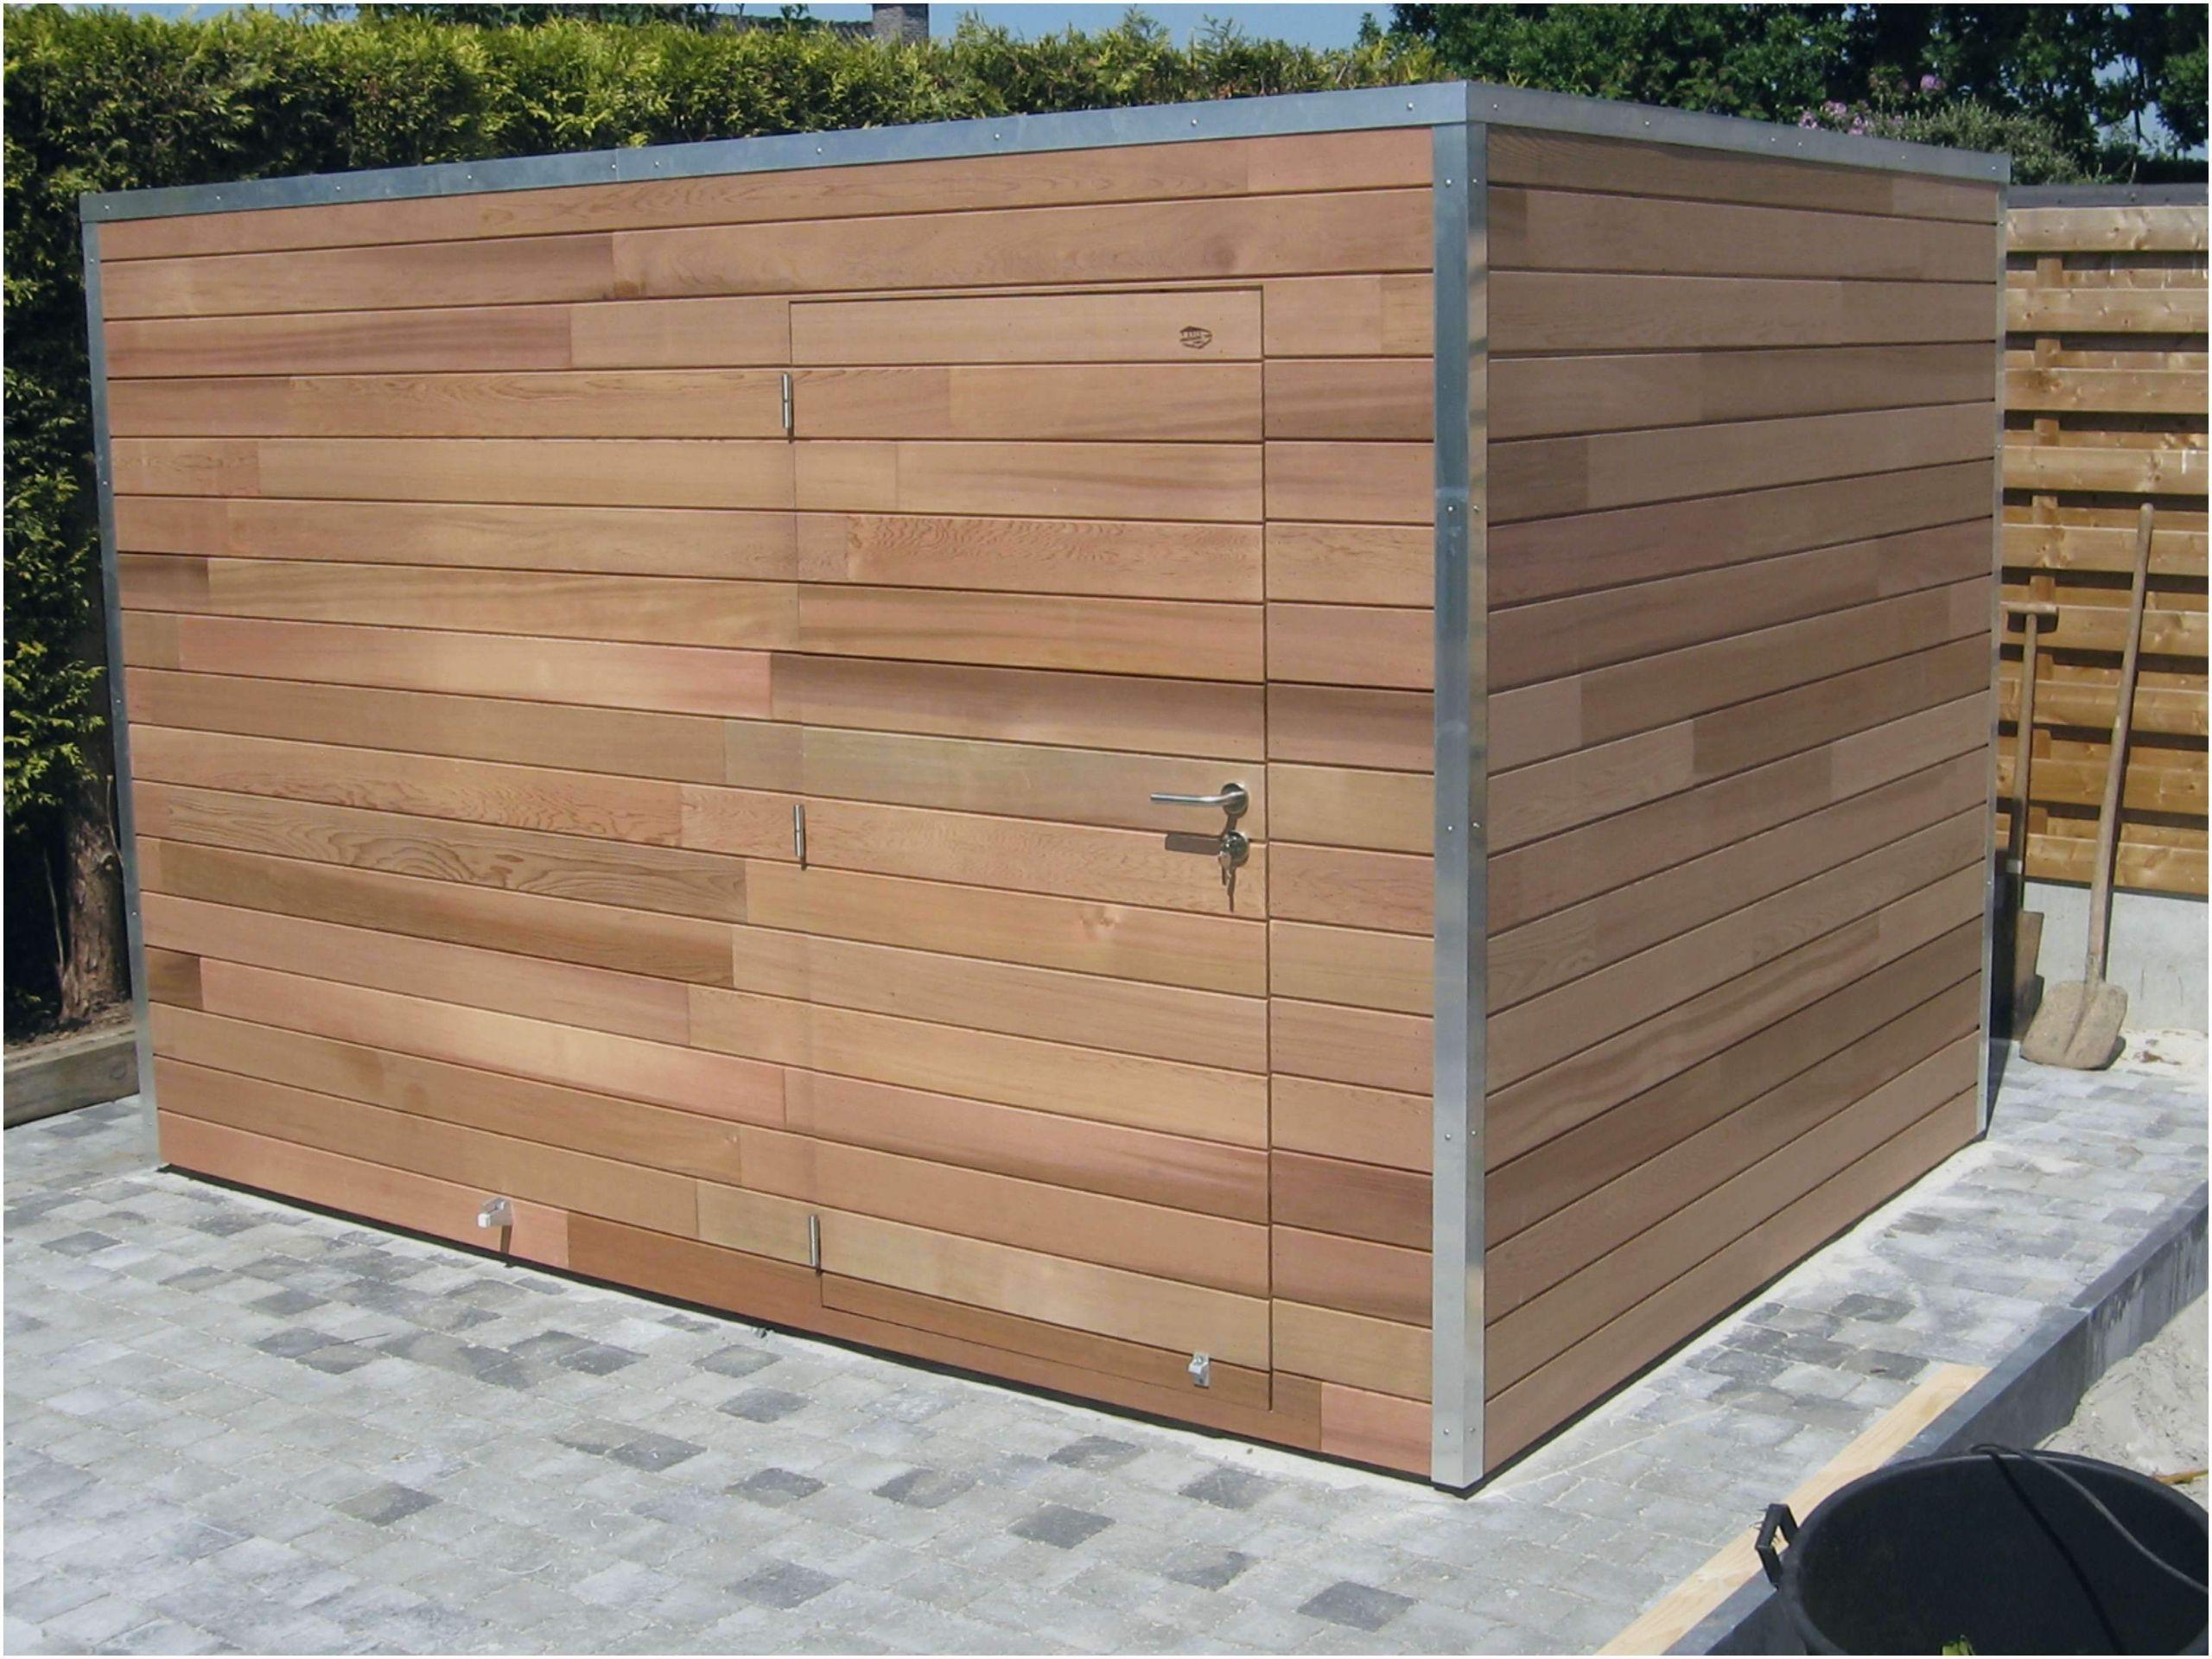 construire un abri de jardin en bois soi meme 25 frisch abri de jardin 5m2 pas cher luxus decoration d of construire un abri de jardin en bois soi meme